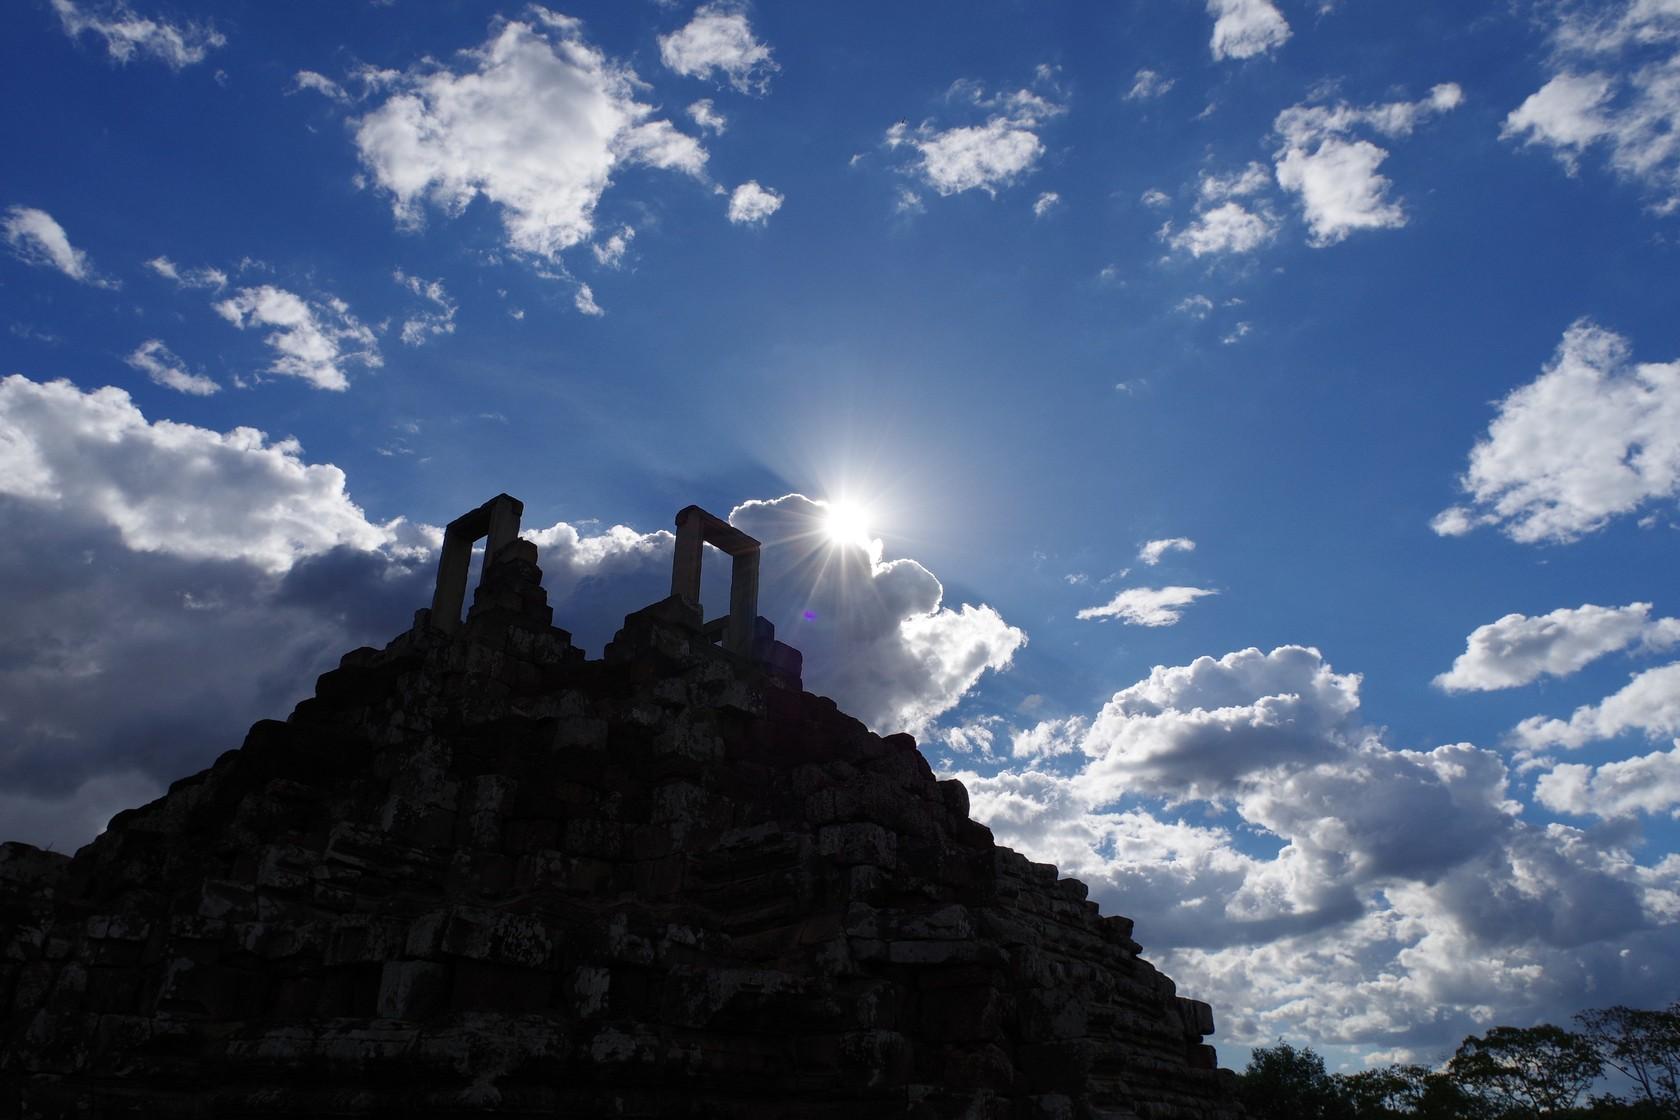 從午後雲層中探出頭的陽光-巴本宮殿